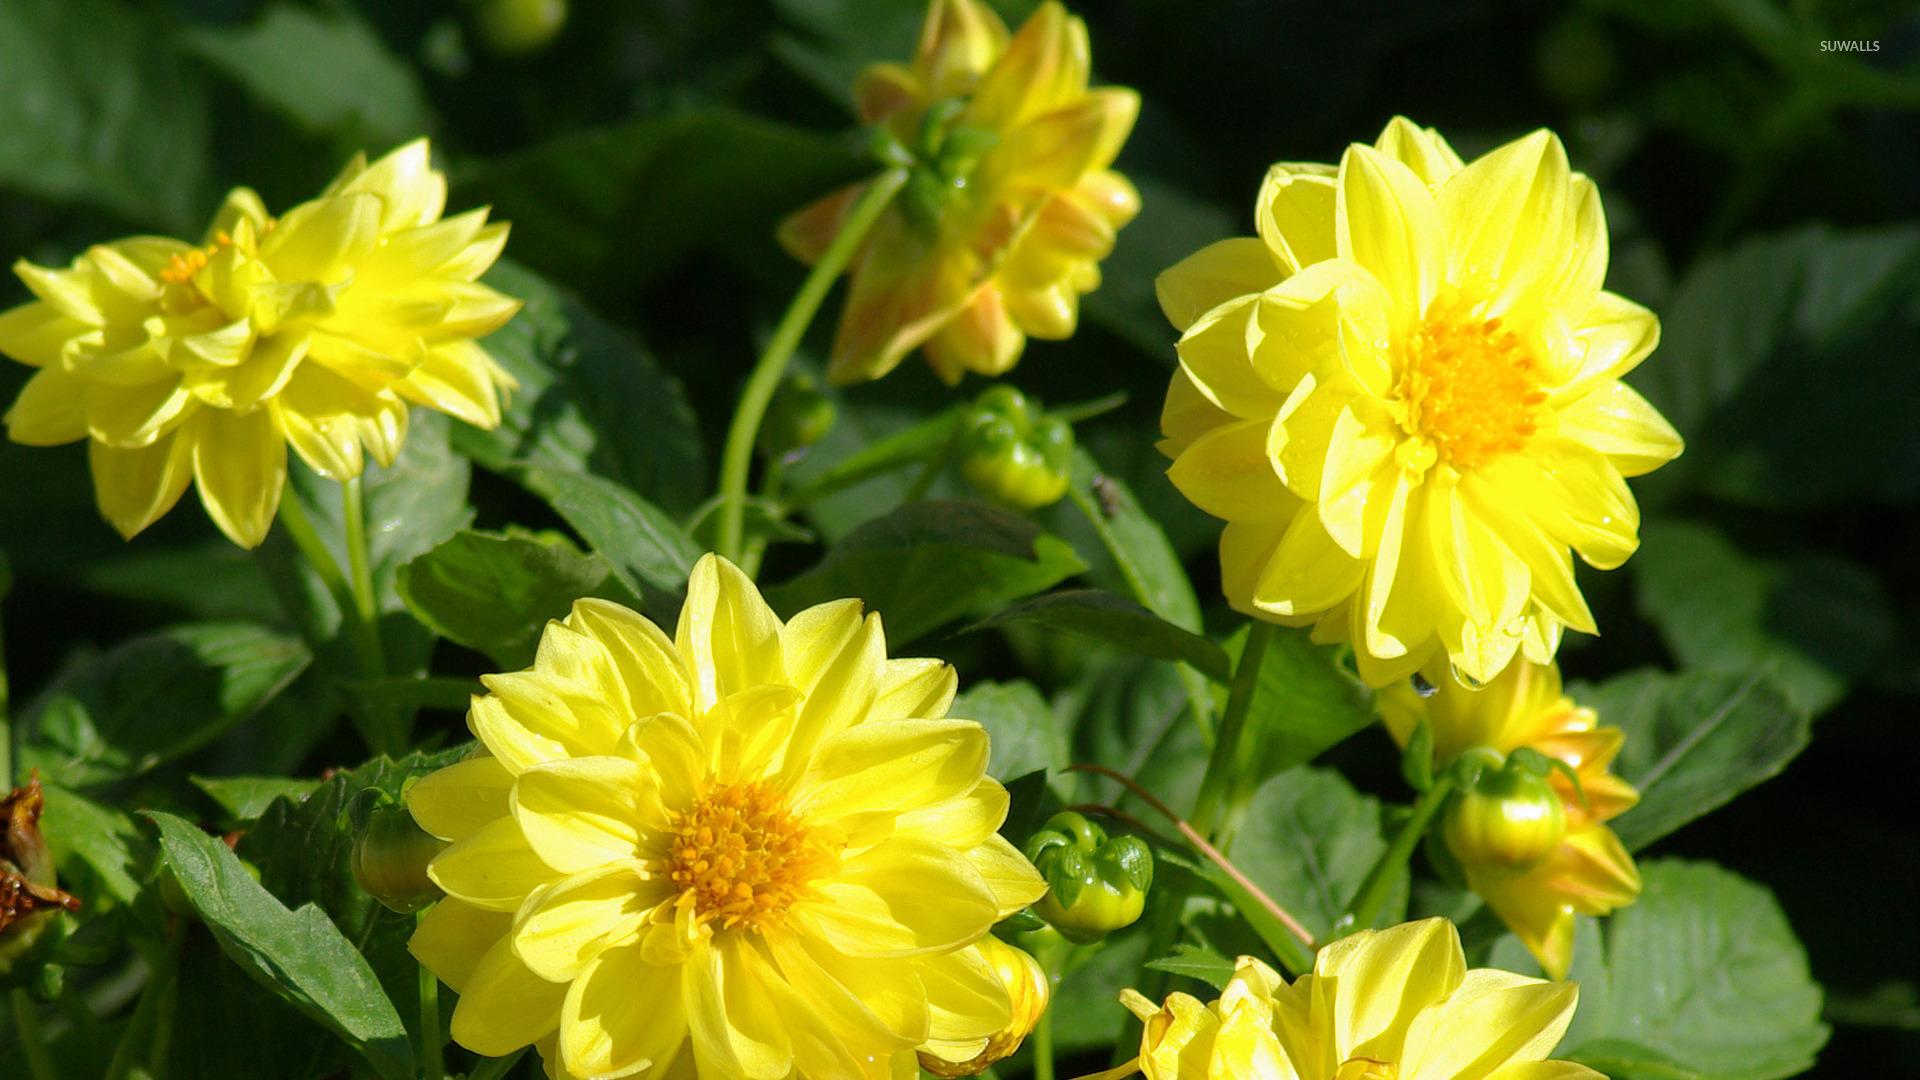 Golden dahlias wallpaper - Flower wallpapers - #45002